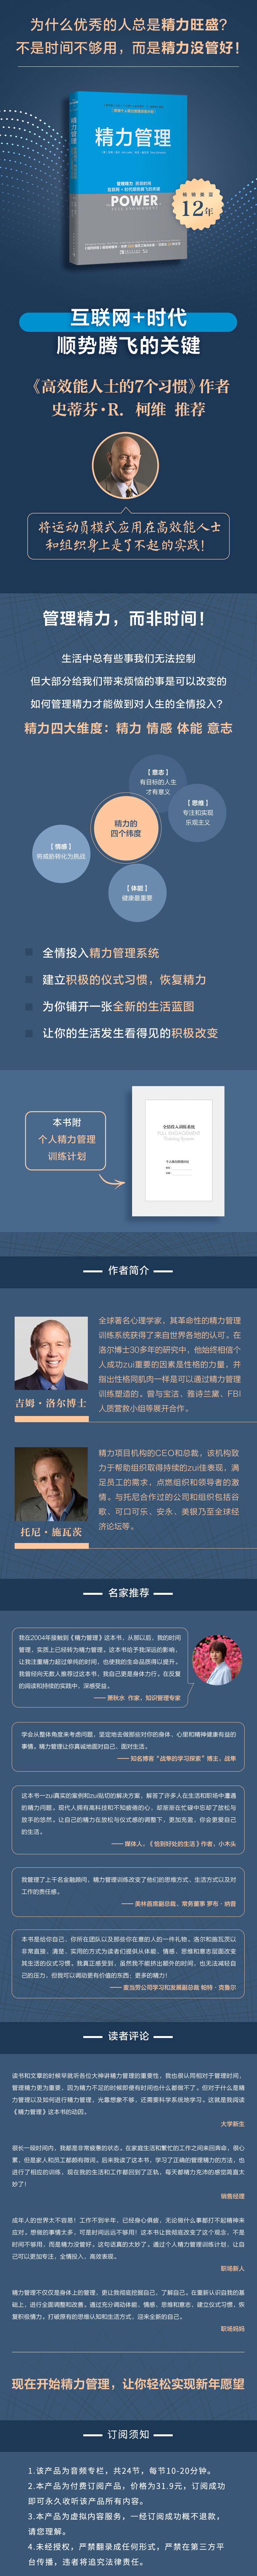 精力管理-长图_小鹅通分销市场(无广告).jpg